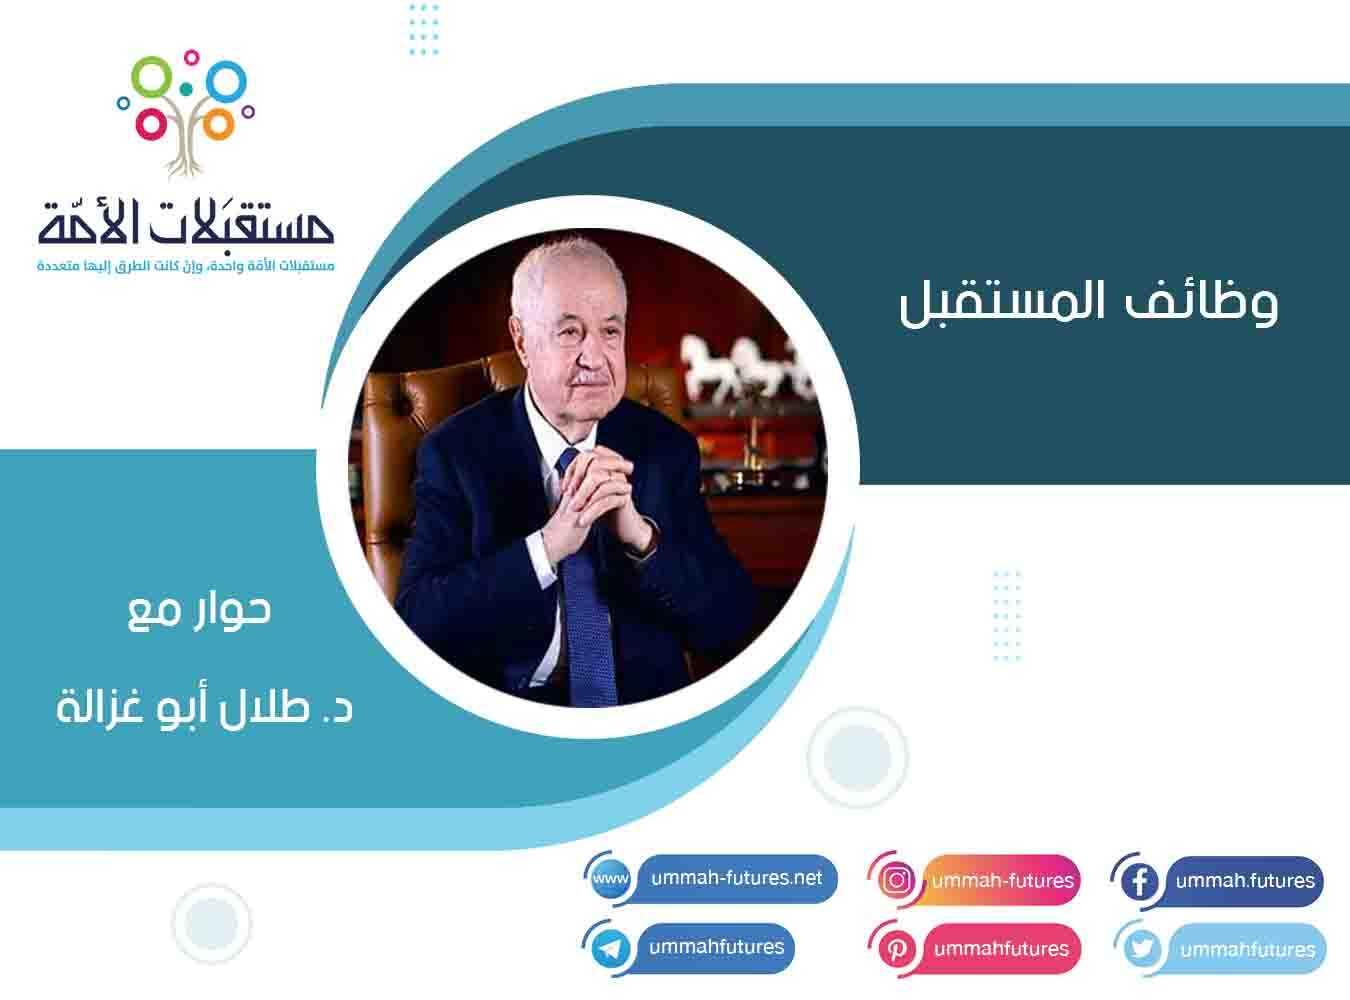 حوار مع د. طلال أبو غزالة | وظائف المستقبل